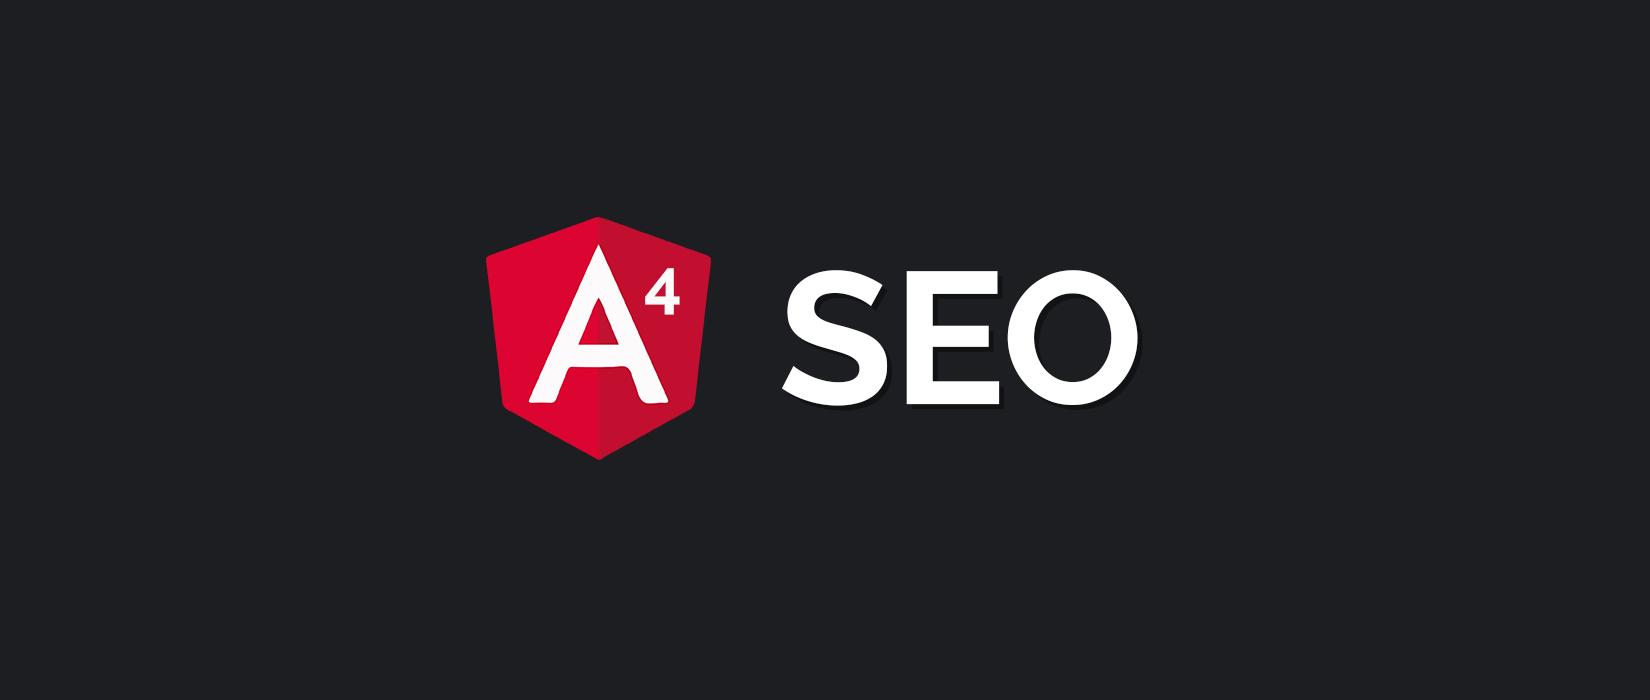 Make your Angular App SEO-Friendly (Angular 4 + Universal)